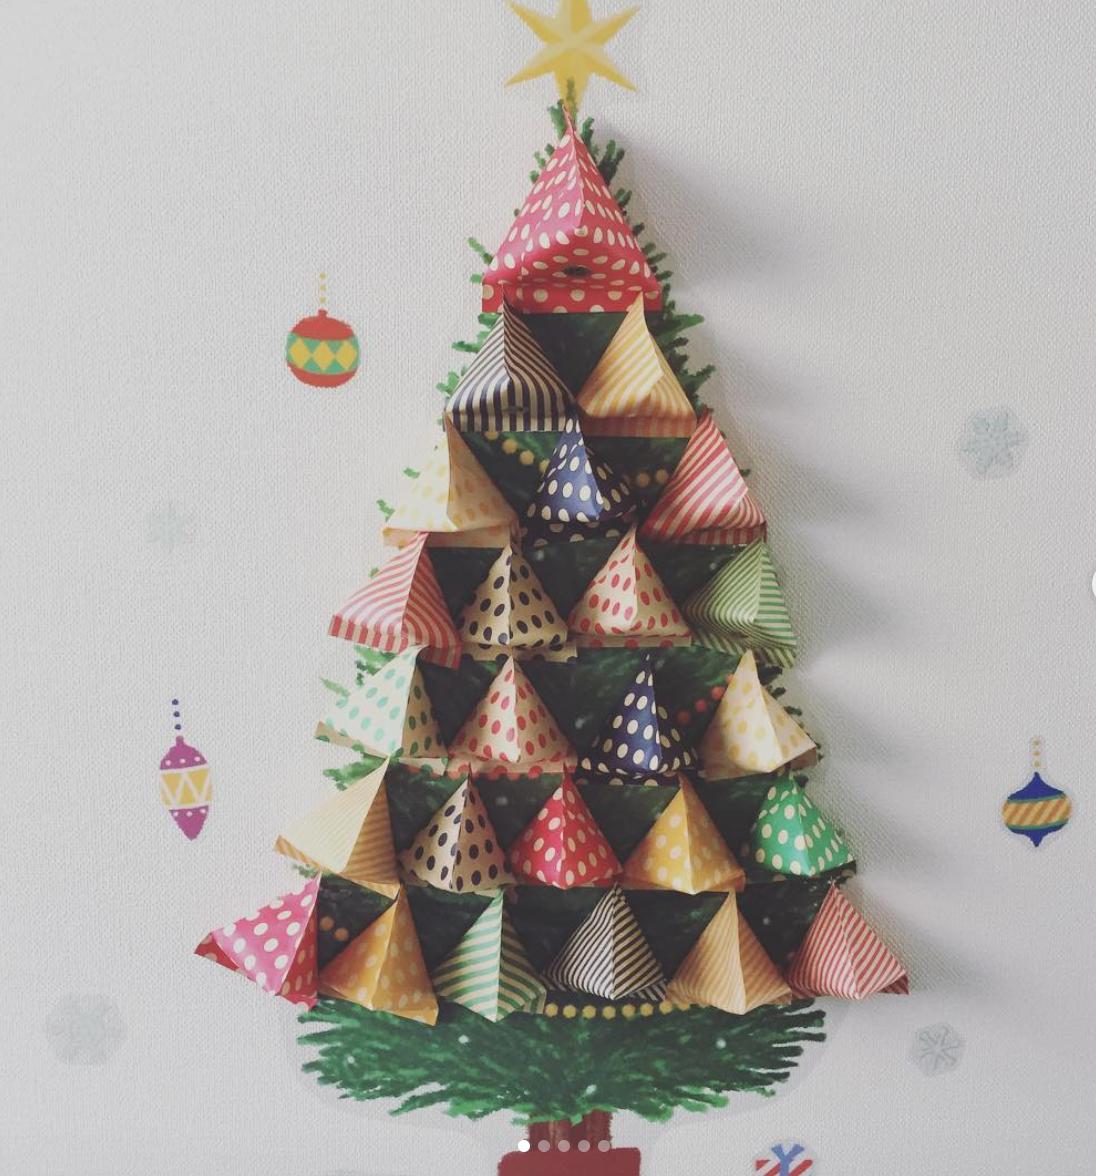 今年は手作りしてみよう♪ オリジナル「クリスマスオーナメント」に挑戦